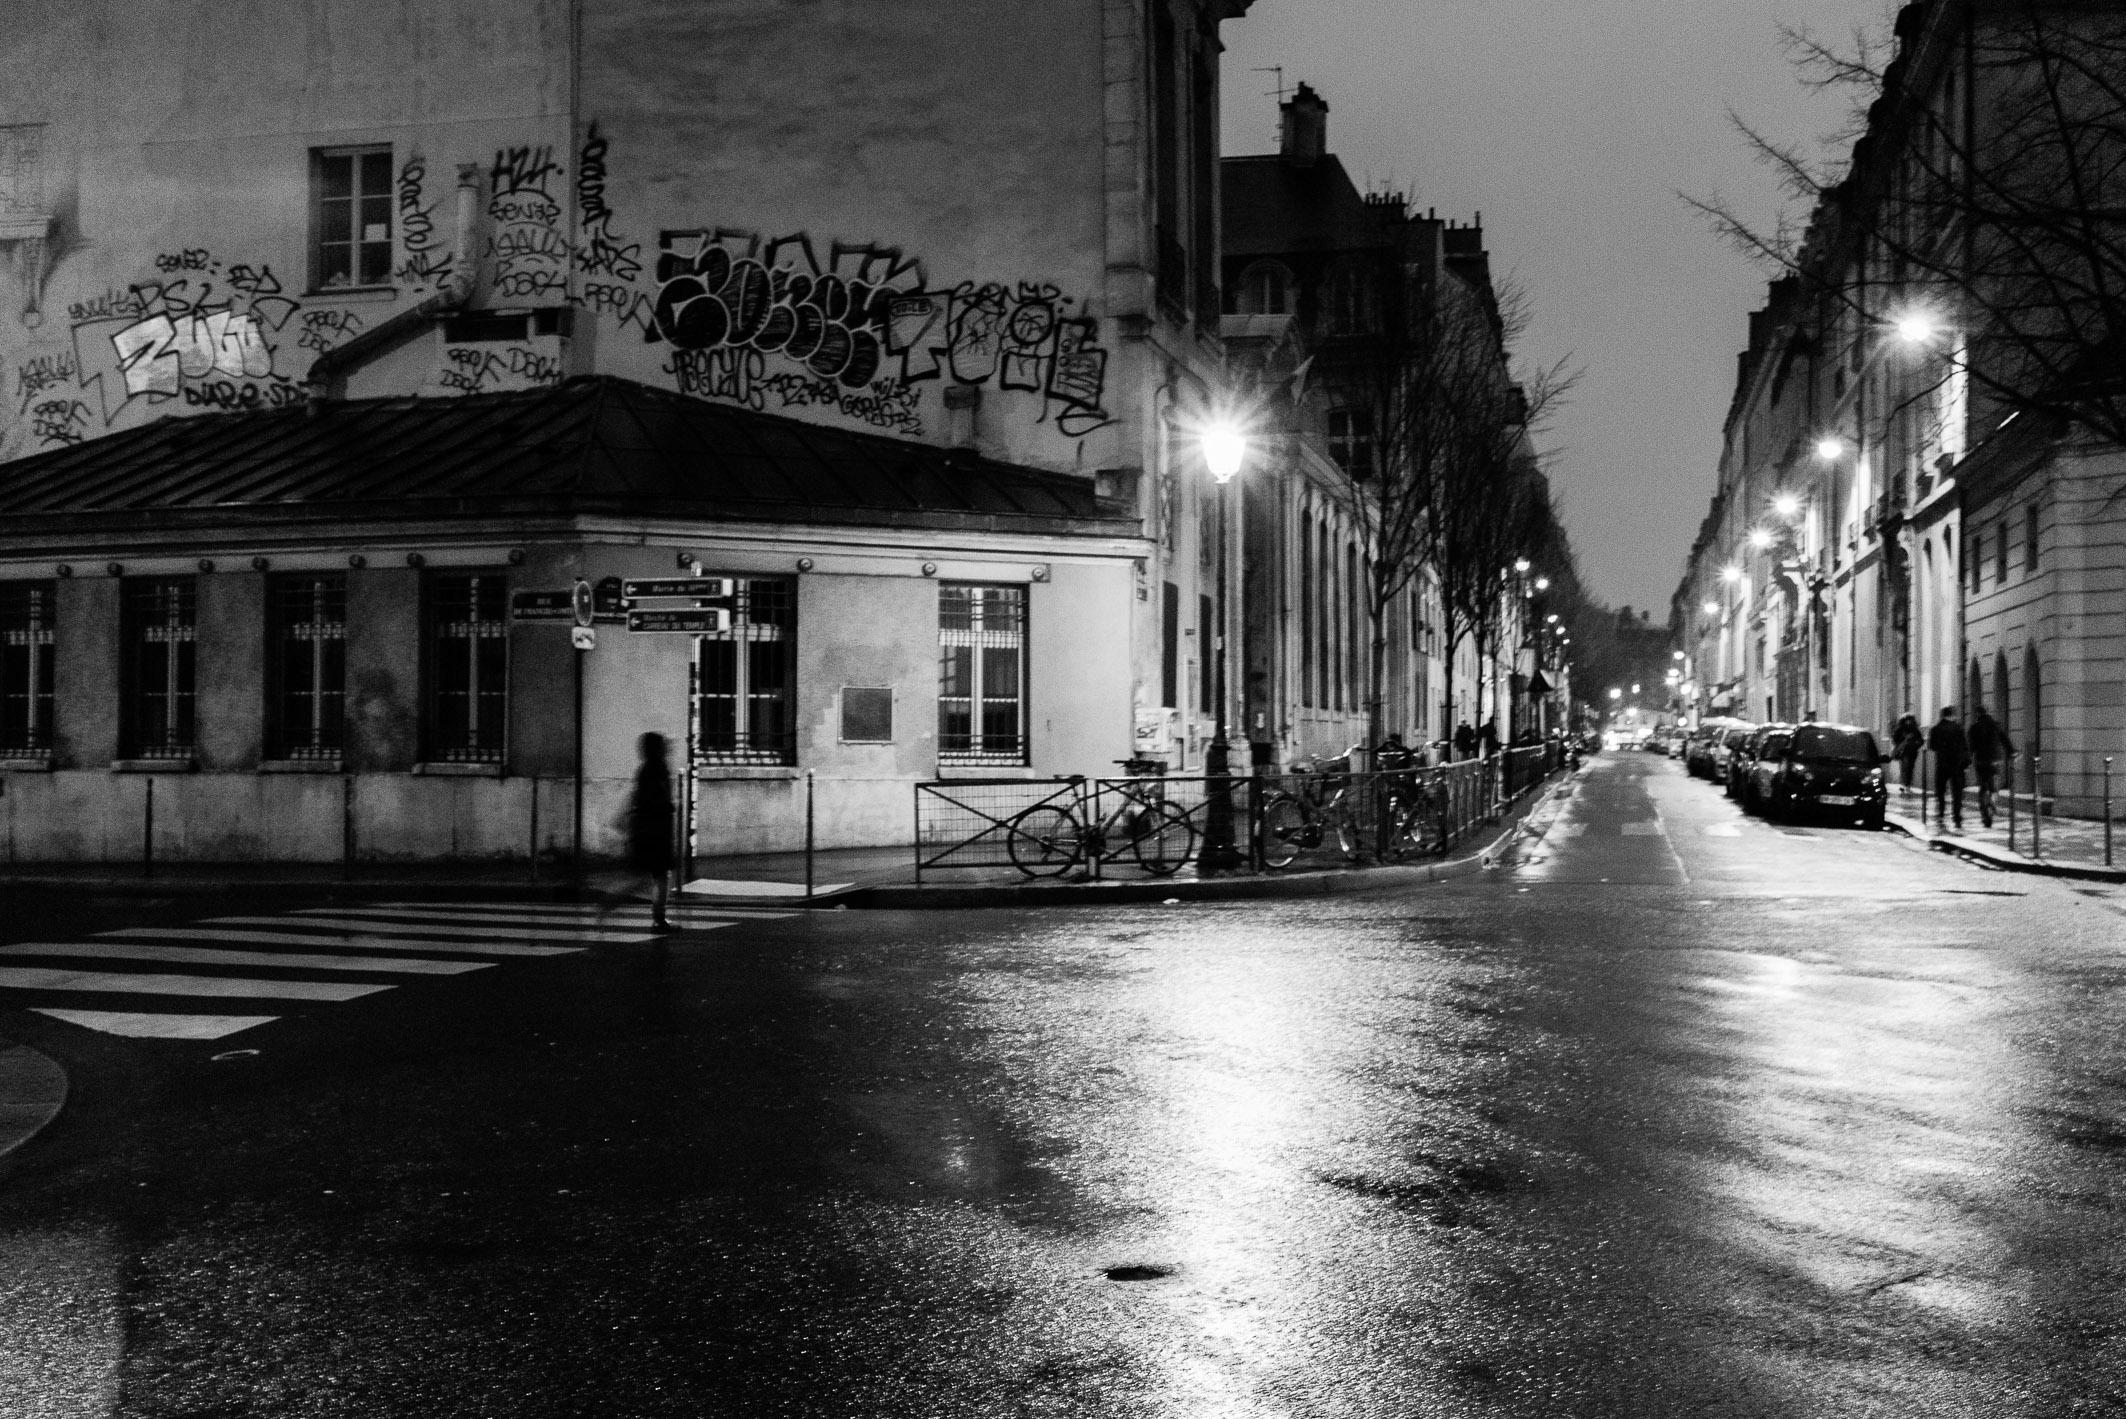 erwt paris-84.jpg